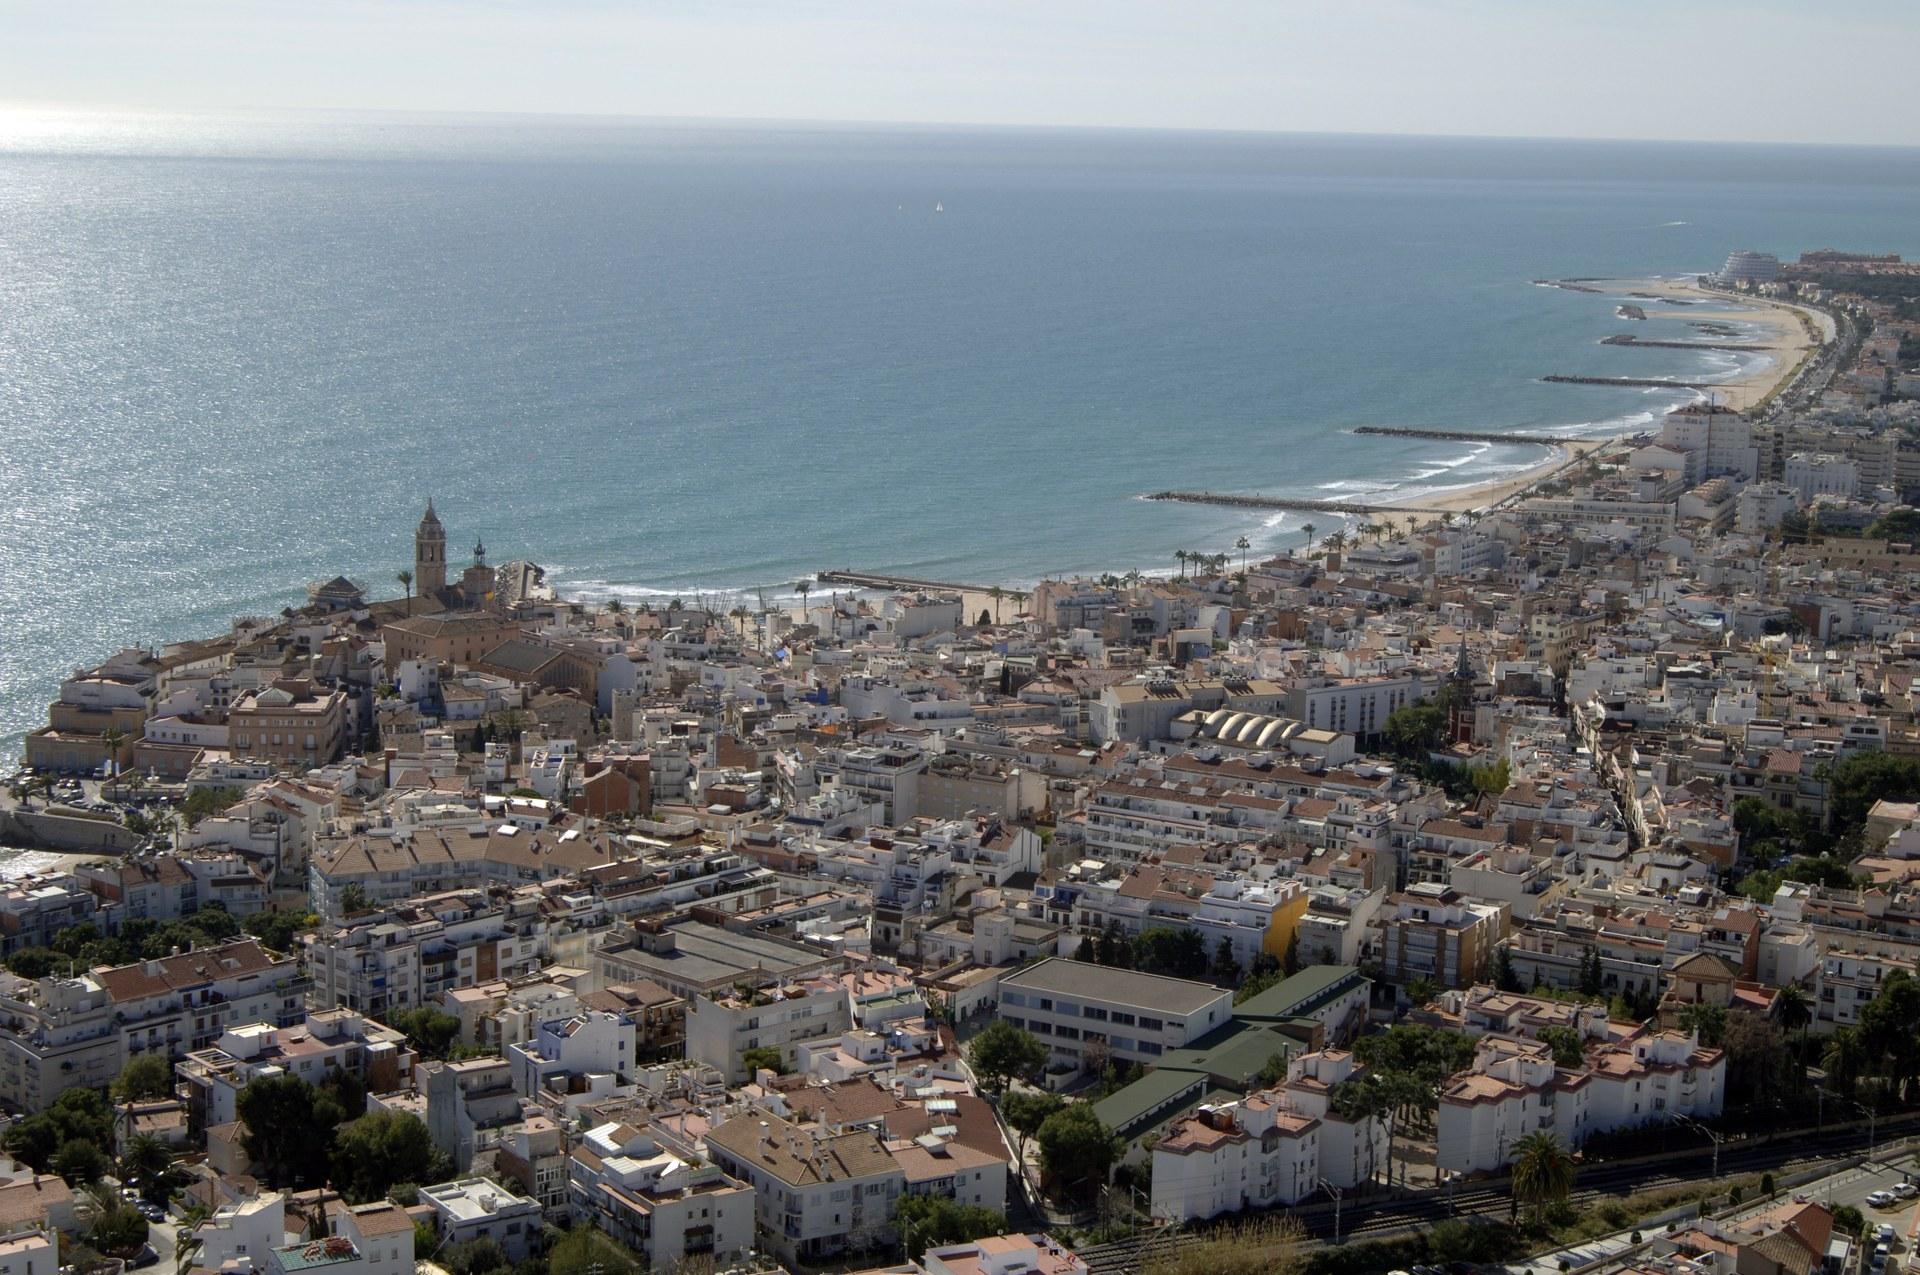 El Pacte Local per a la recuperació socioeconòmica de Sitges se centra en l'anàlisi de les propostes recollides